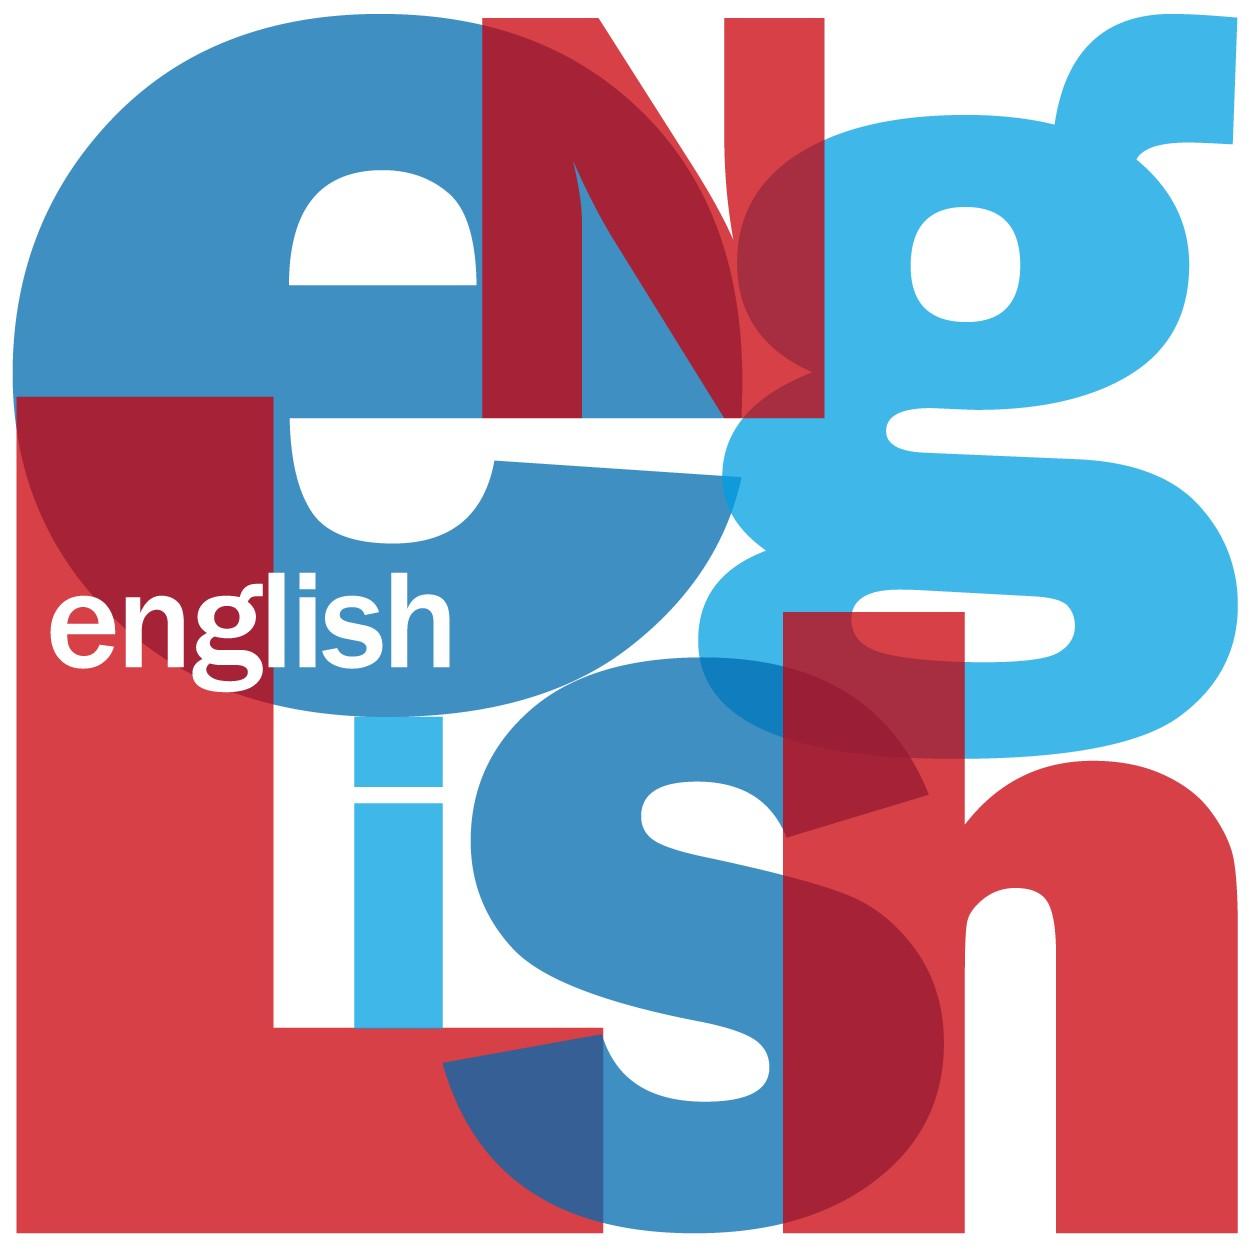 Vocabulaire anglais (14)